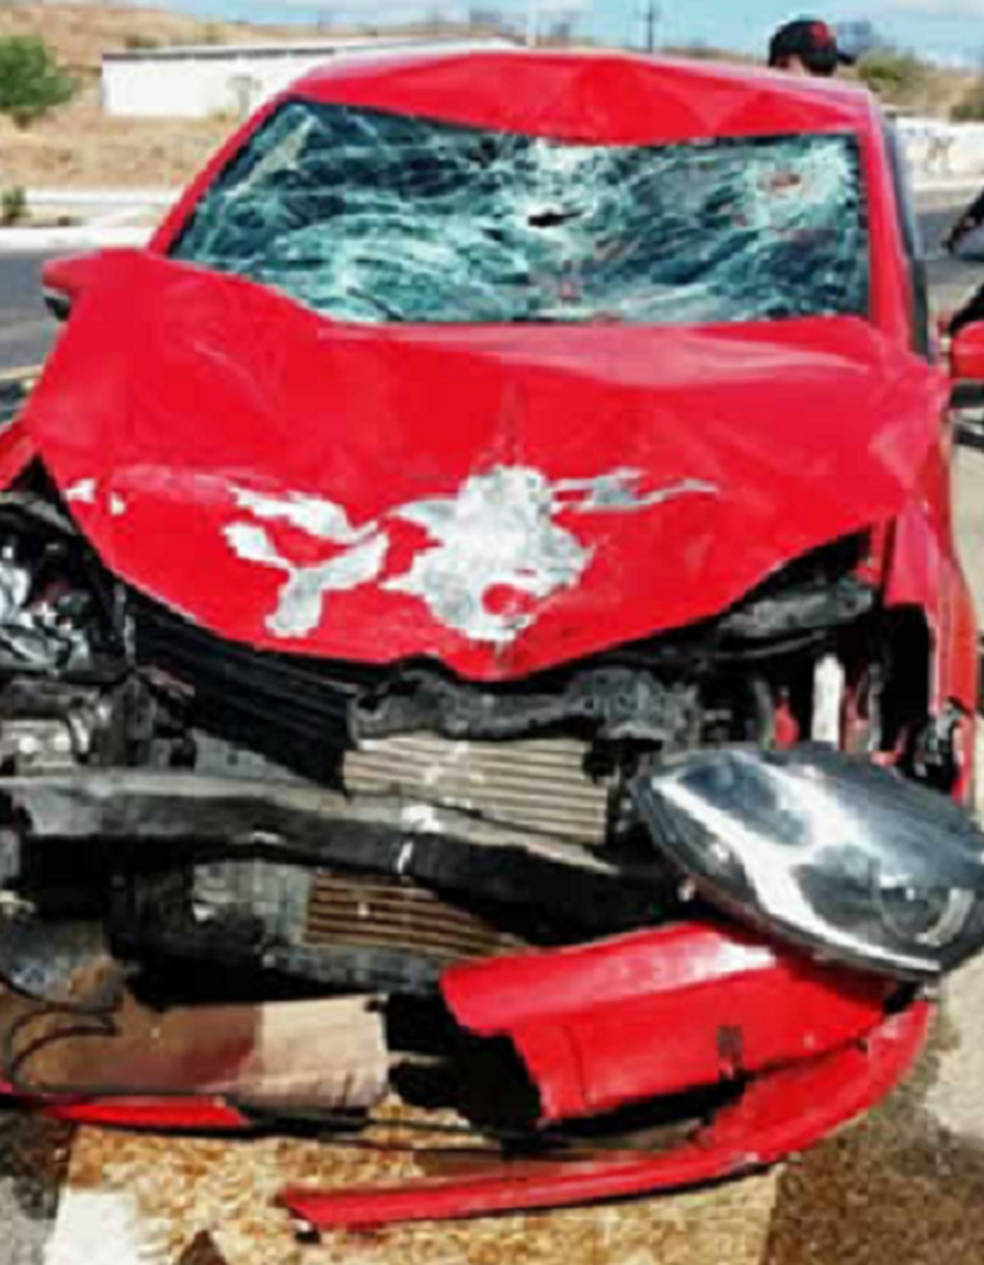 Moto bateu de frente com o automóvel. Motorista não ficou ferido. Agricultor que morreu morava em Assaré (Foto: Polícia Militar)